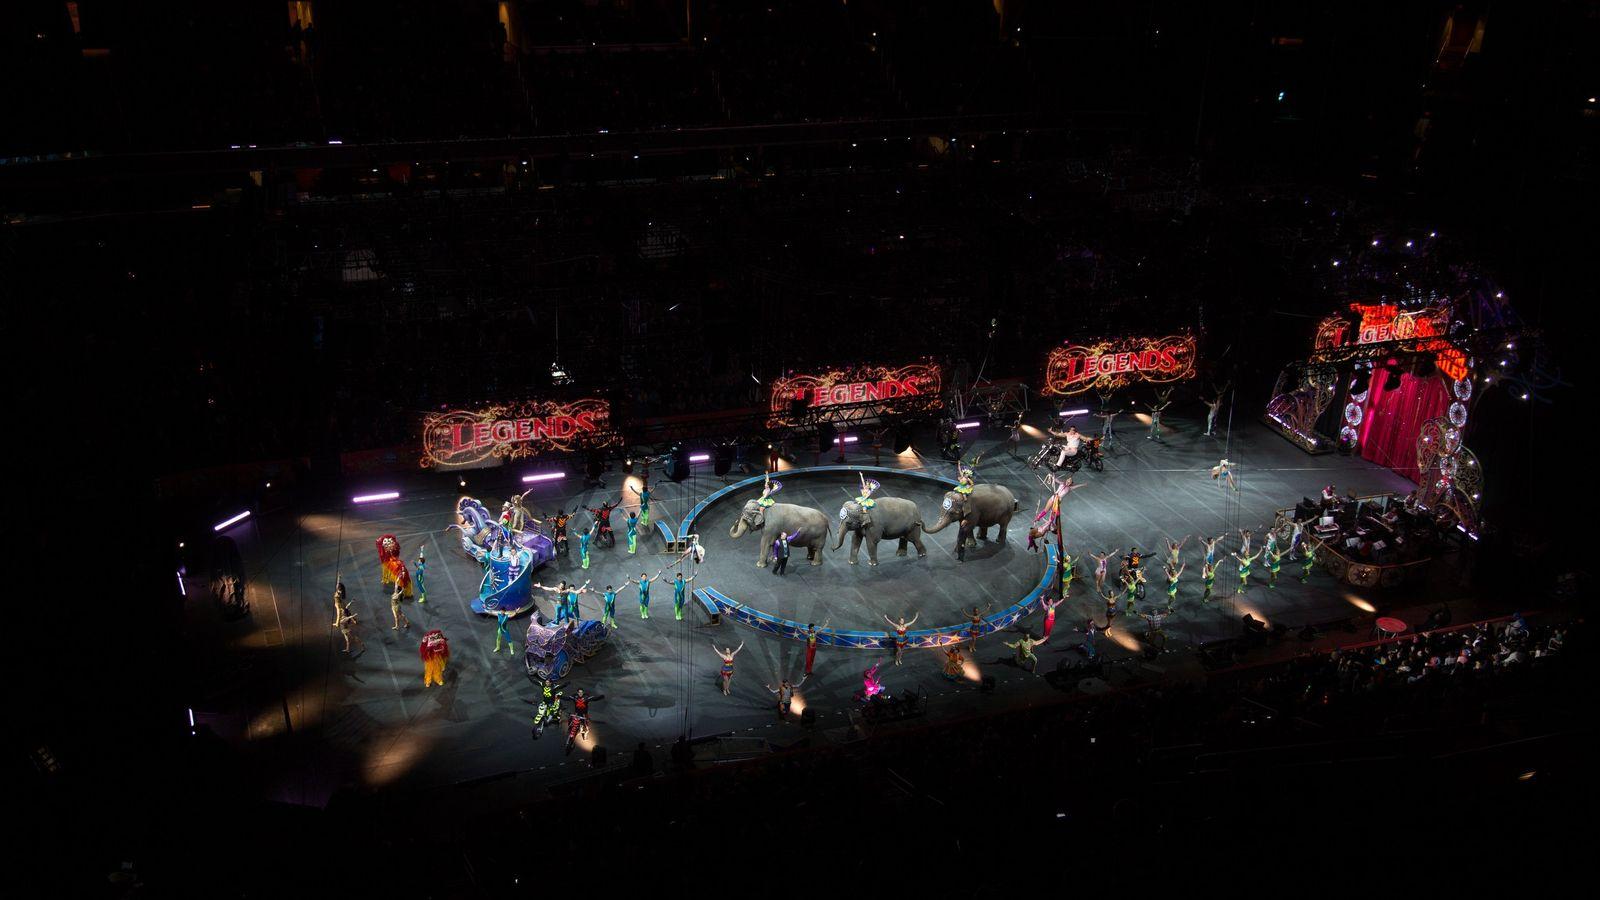 Des éléphants réalisent leur numéro lors d'un spectacle du cirque Ringling à Washington en 2015. Le ...